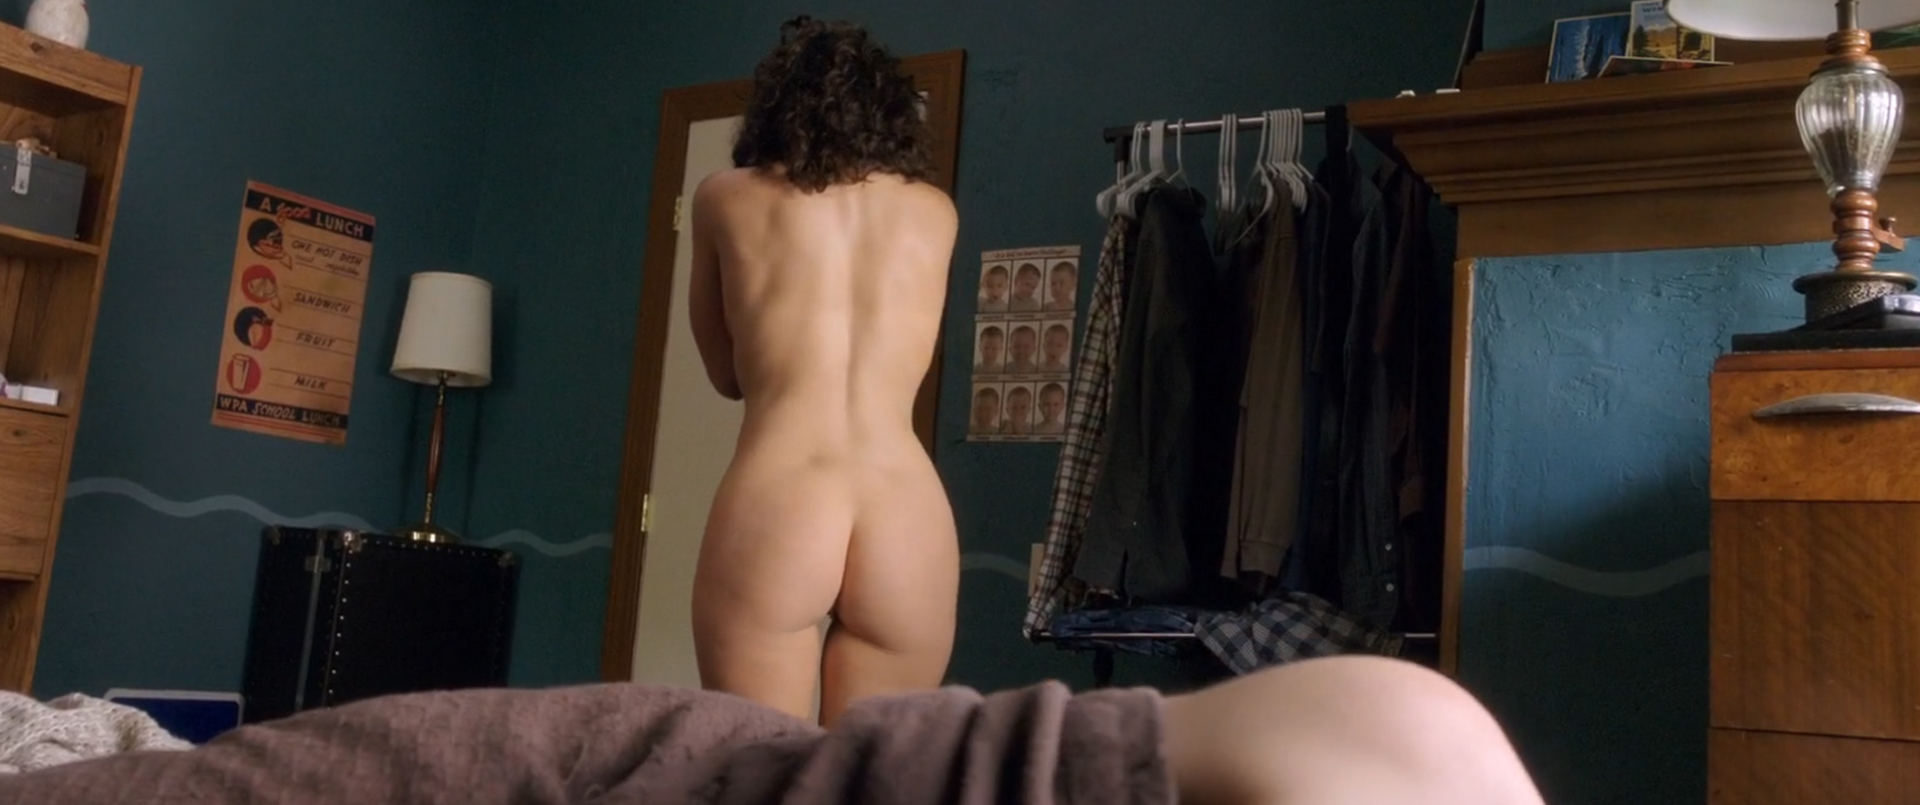 jenny-mollen-nude-pics